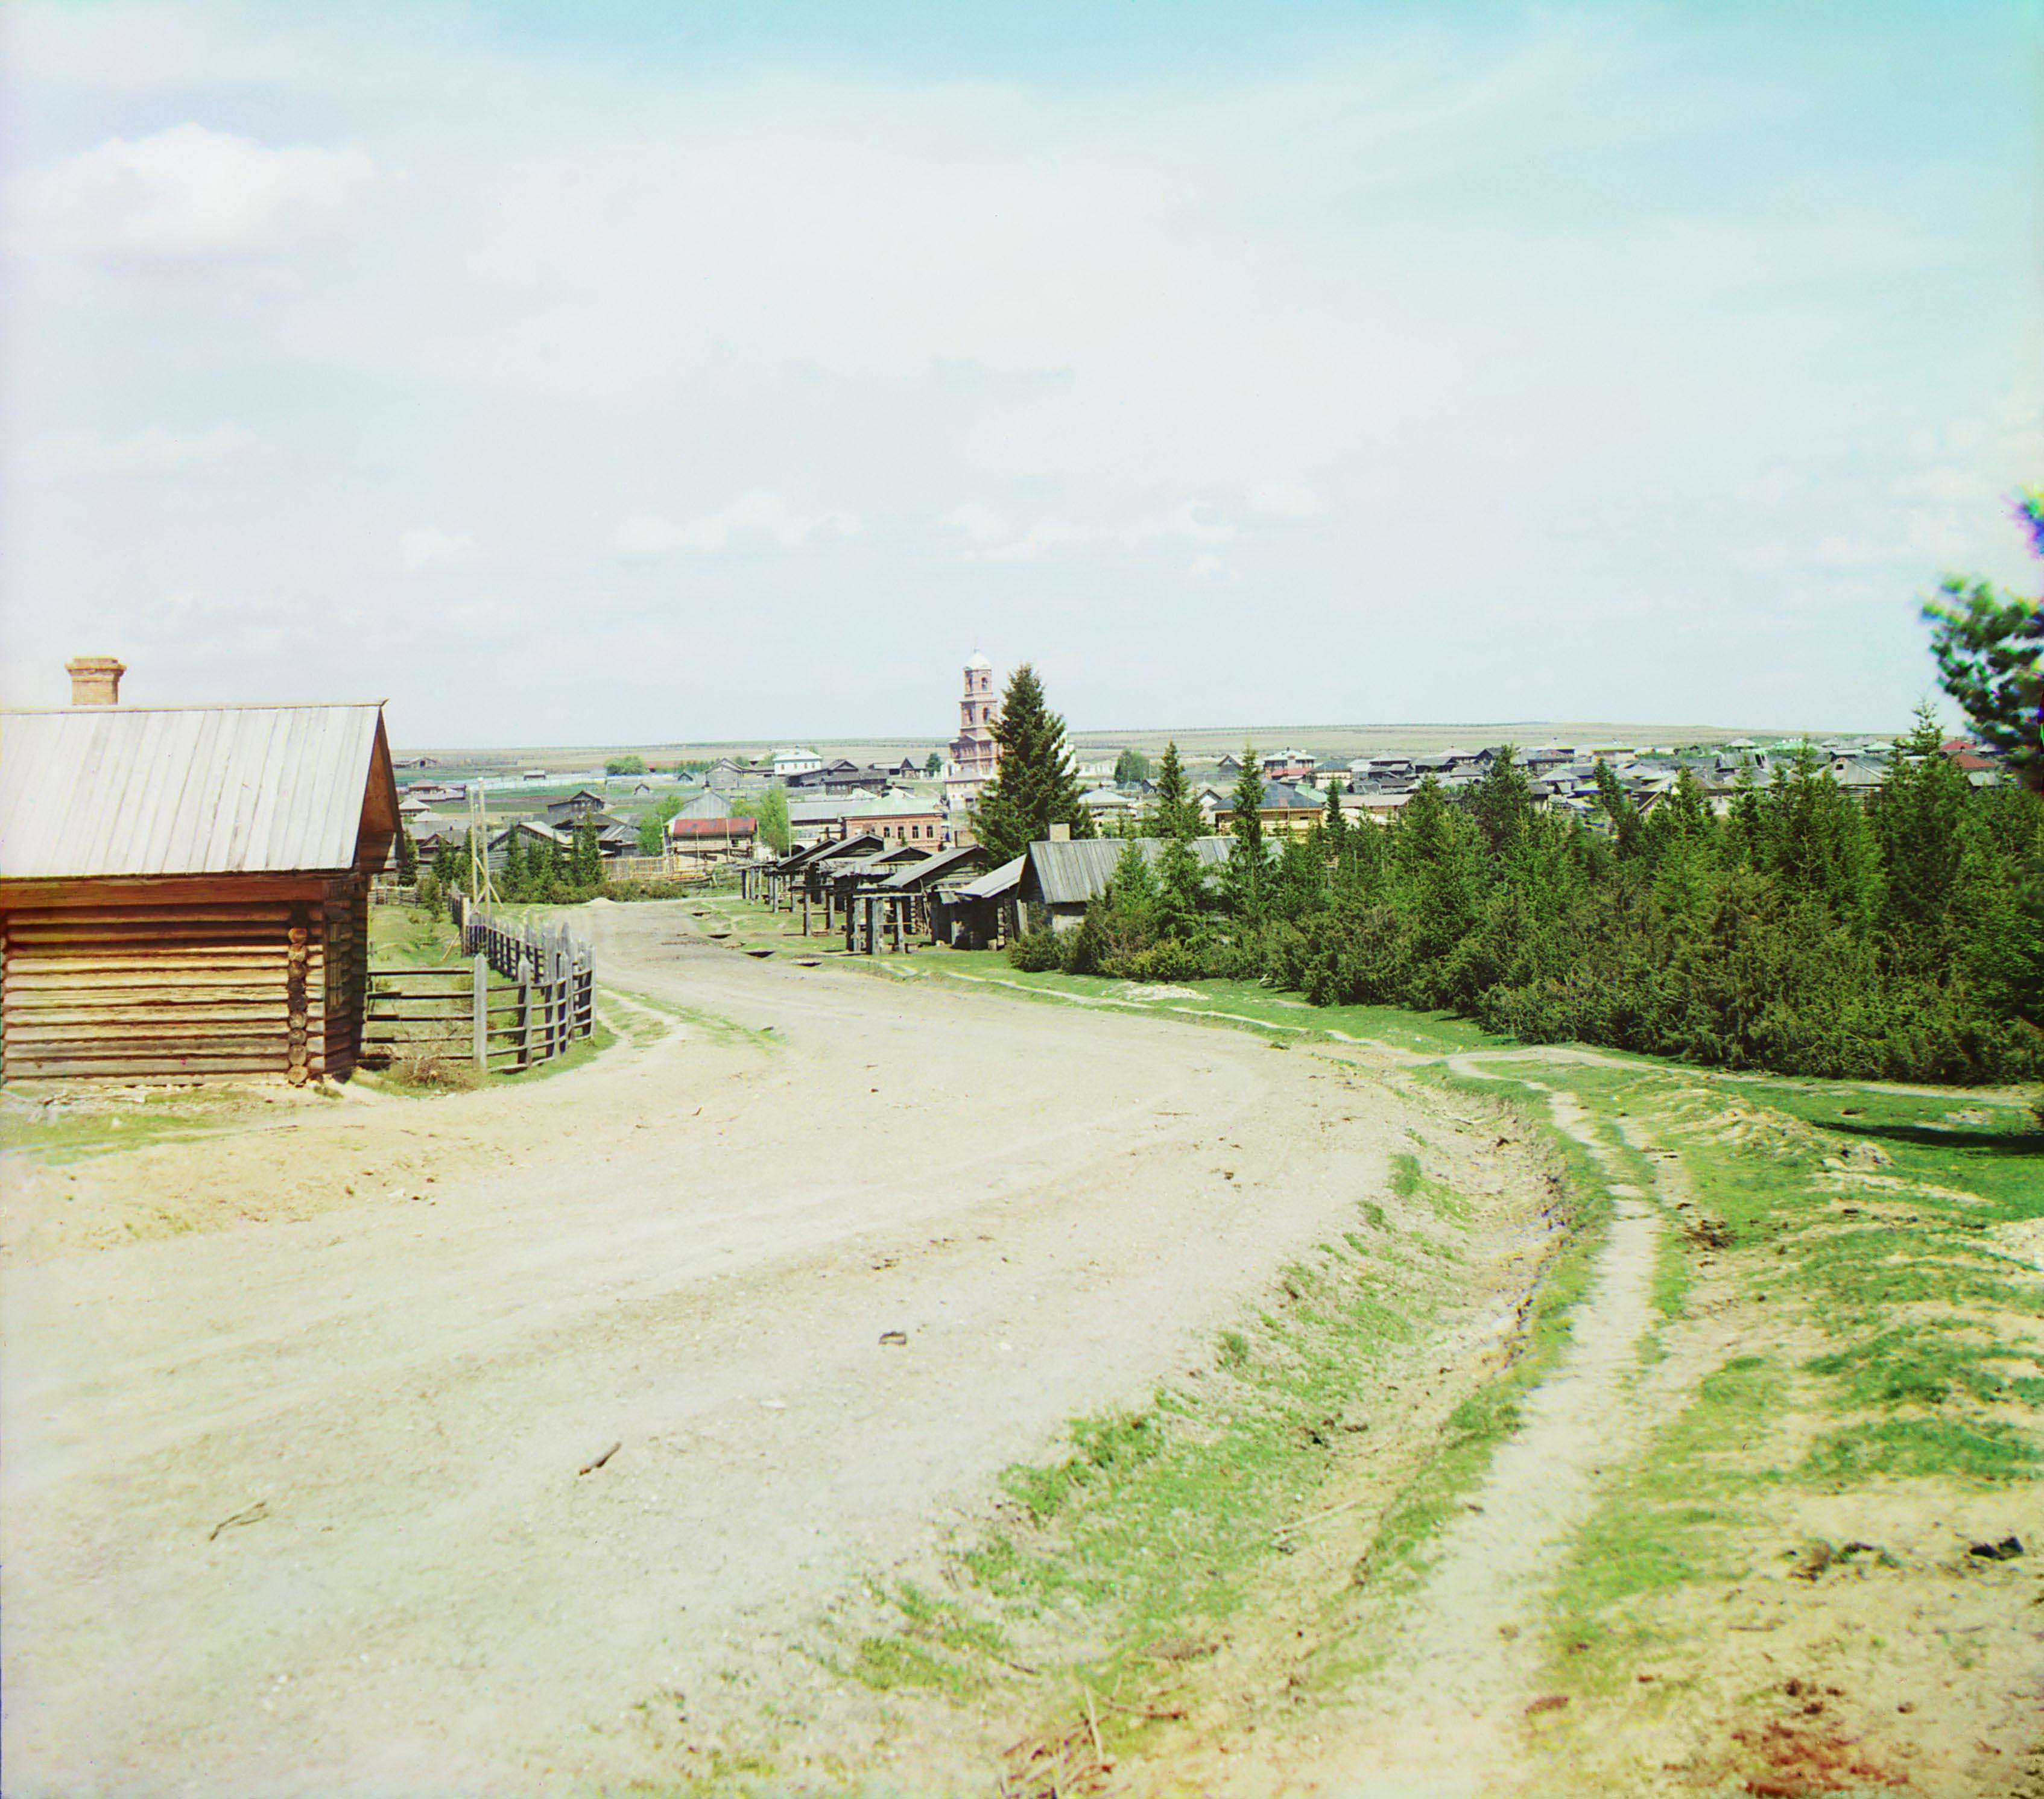 Окрестности села. Село Вильгорд (Вильгорт) по пути из Чердыни в с. Ныроб